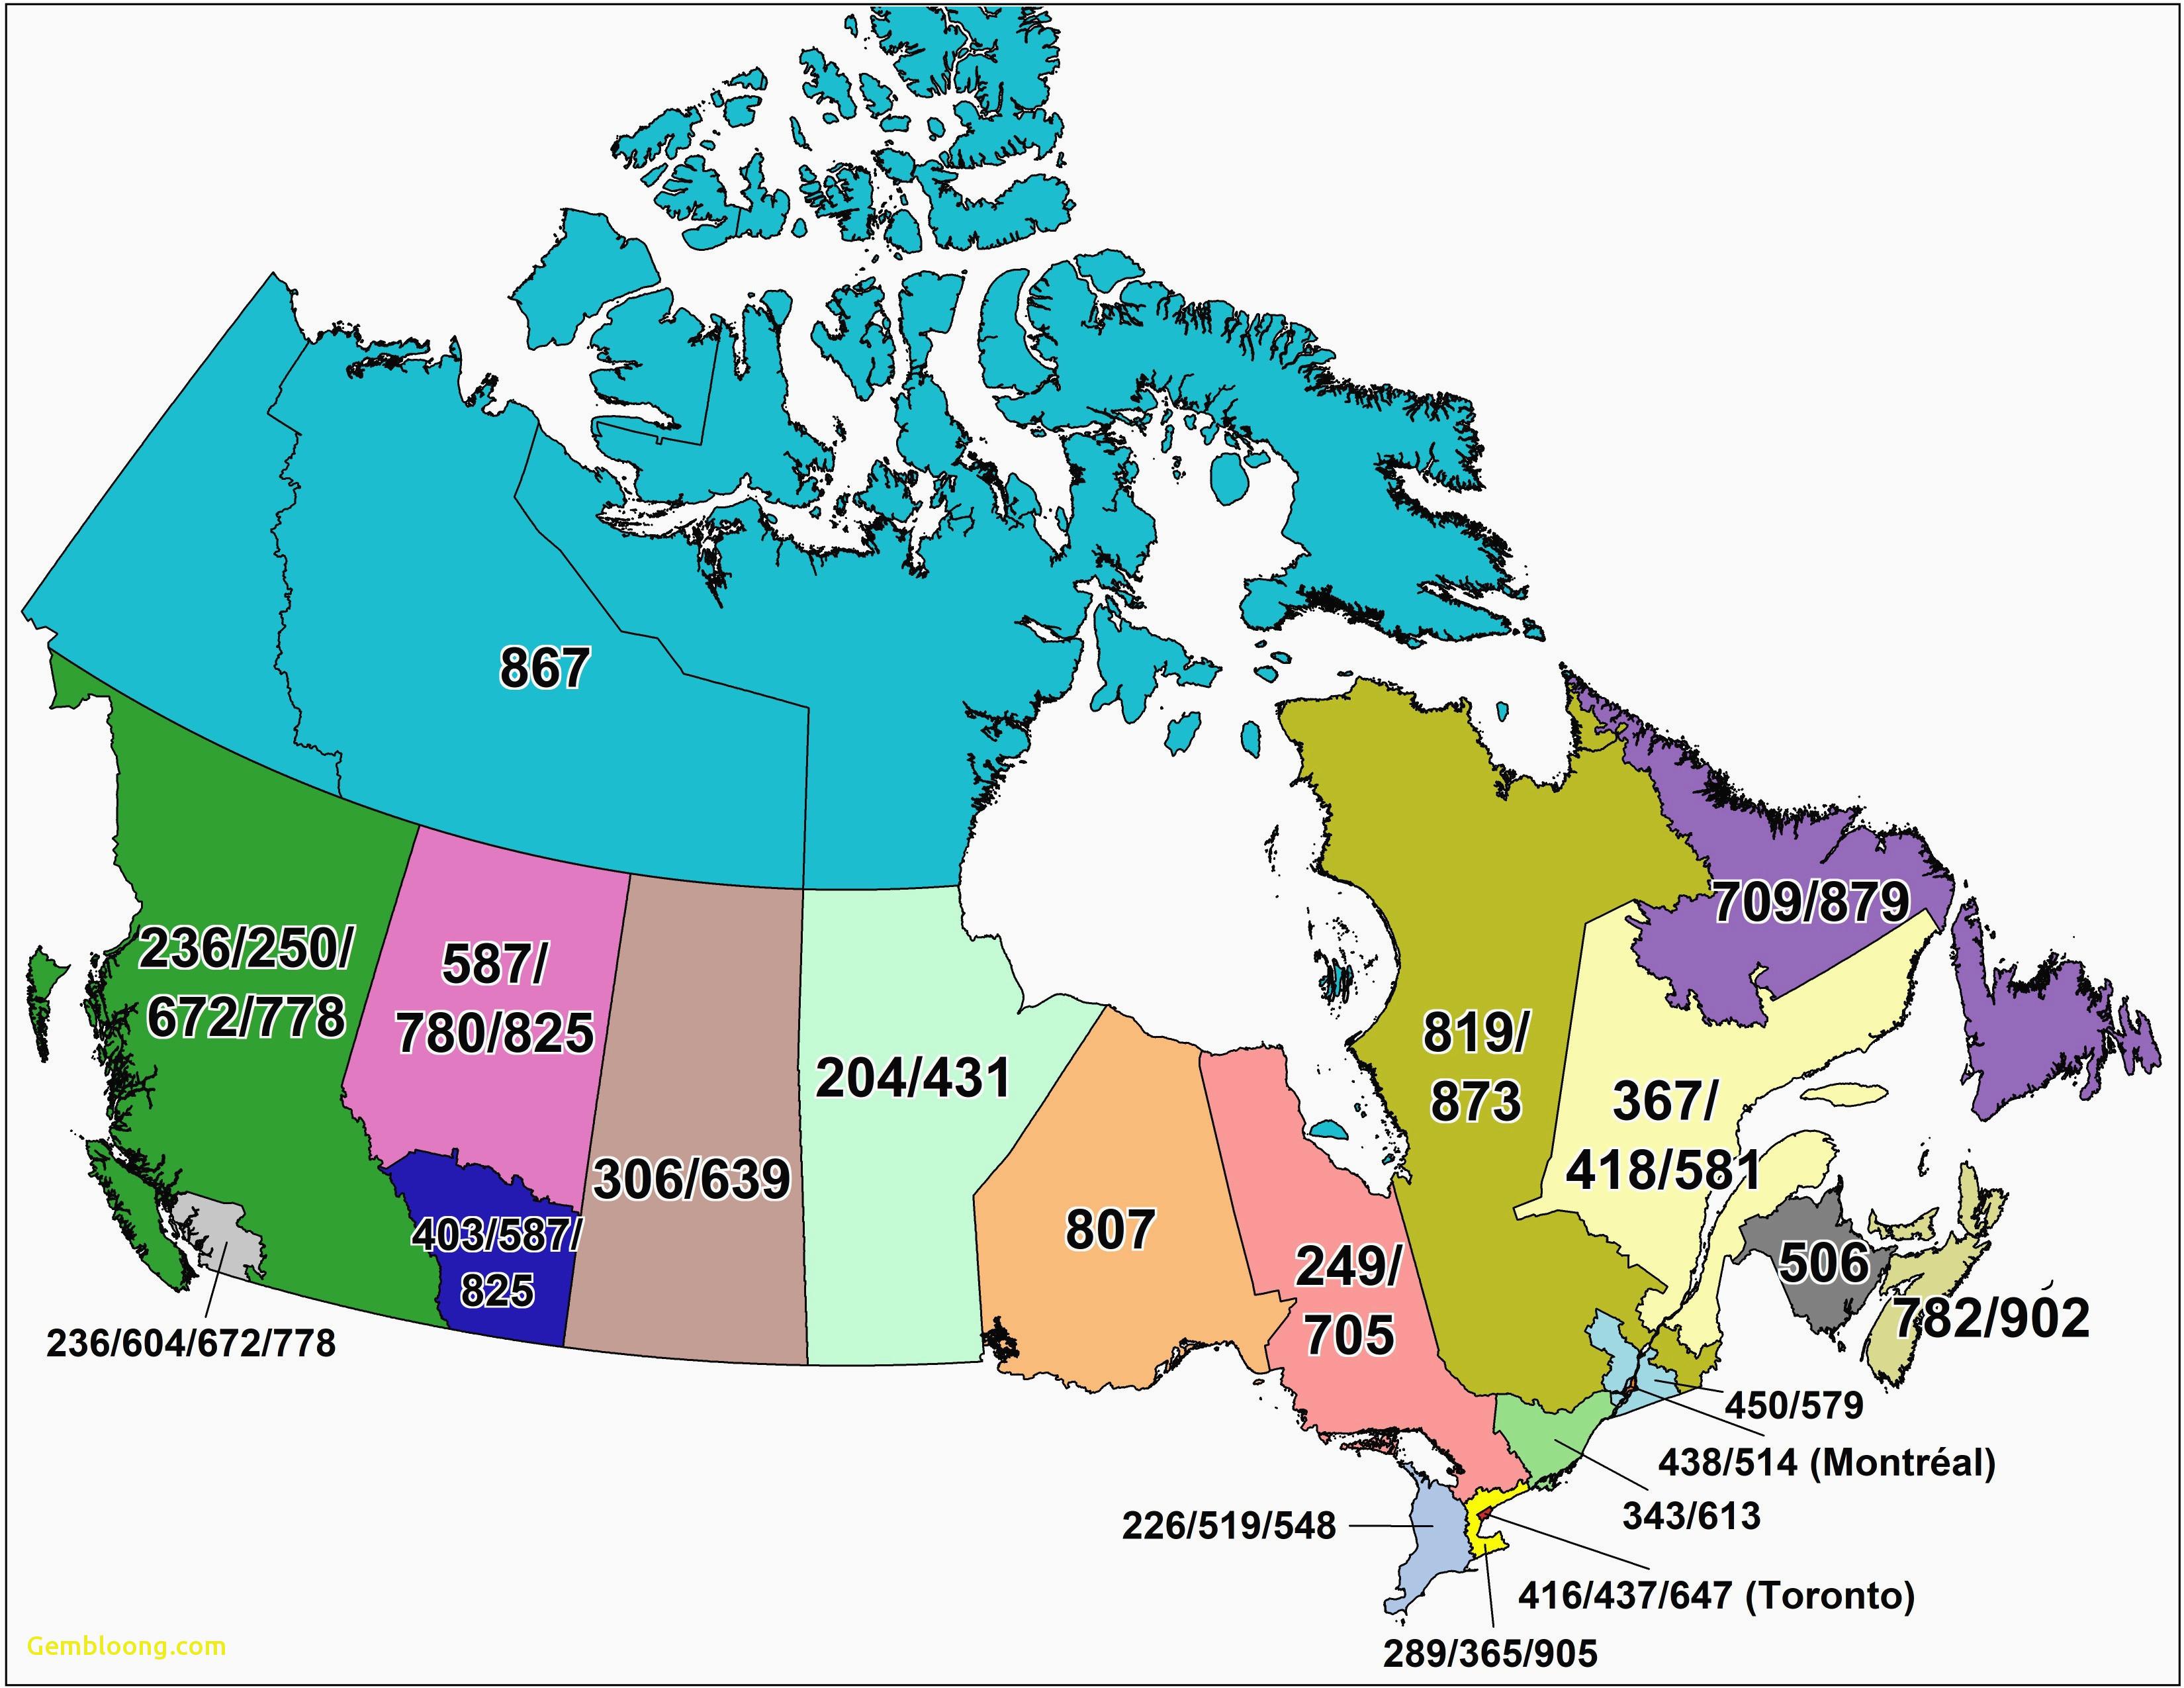 2017 election map elegant map united states image new map us states